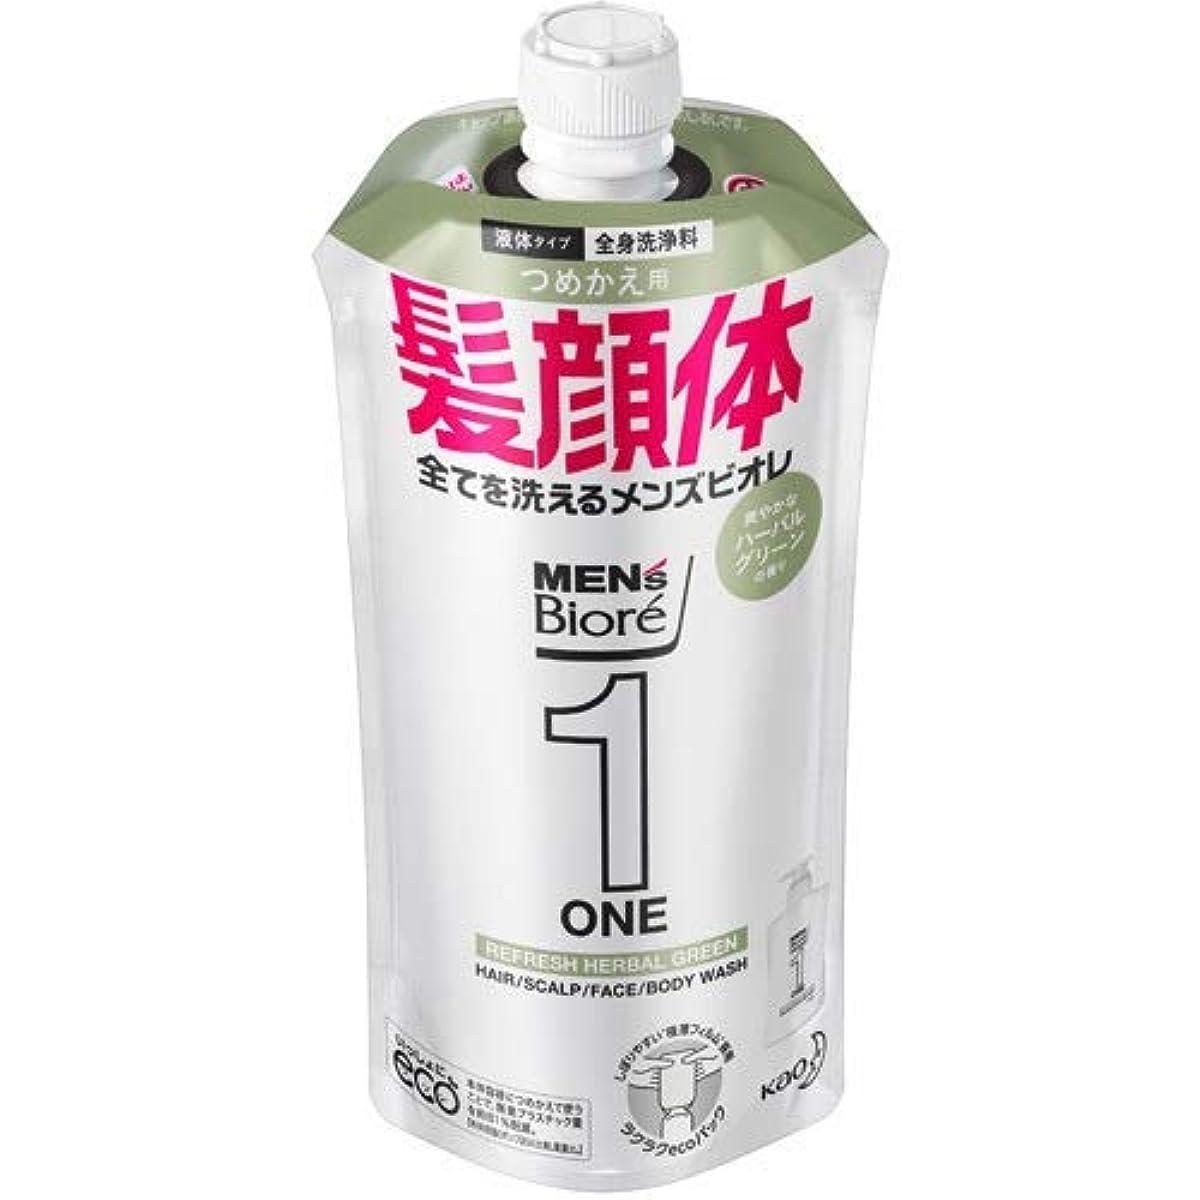 バルブチェスをする本土【10個セット】メンズビオレONE オールインワン全身洗浄料 爽やかなハーブルグリーンの香り つめかえ用 340mL